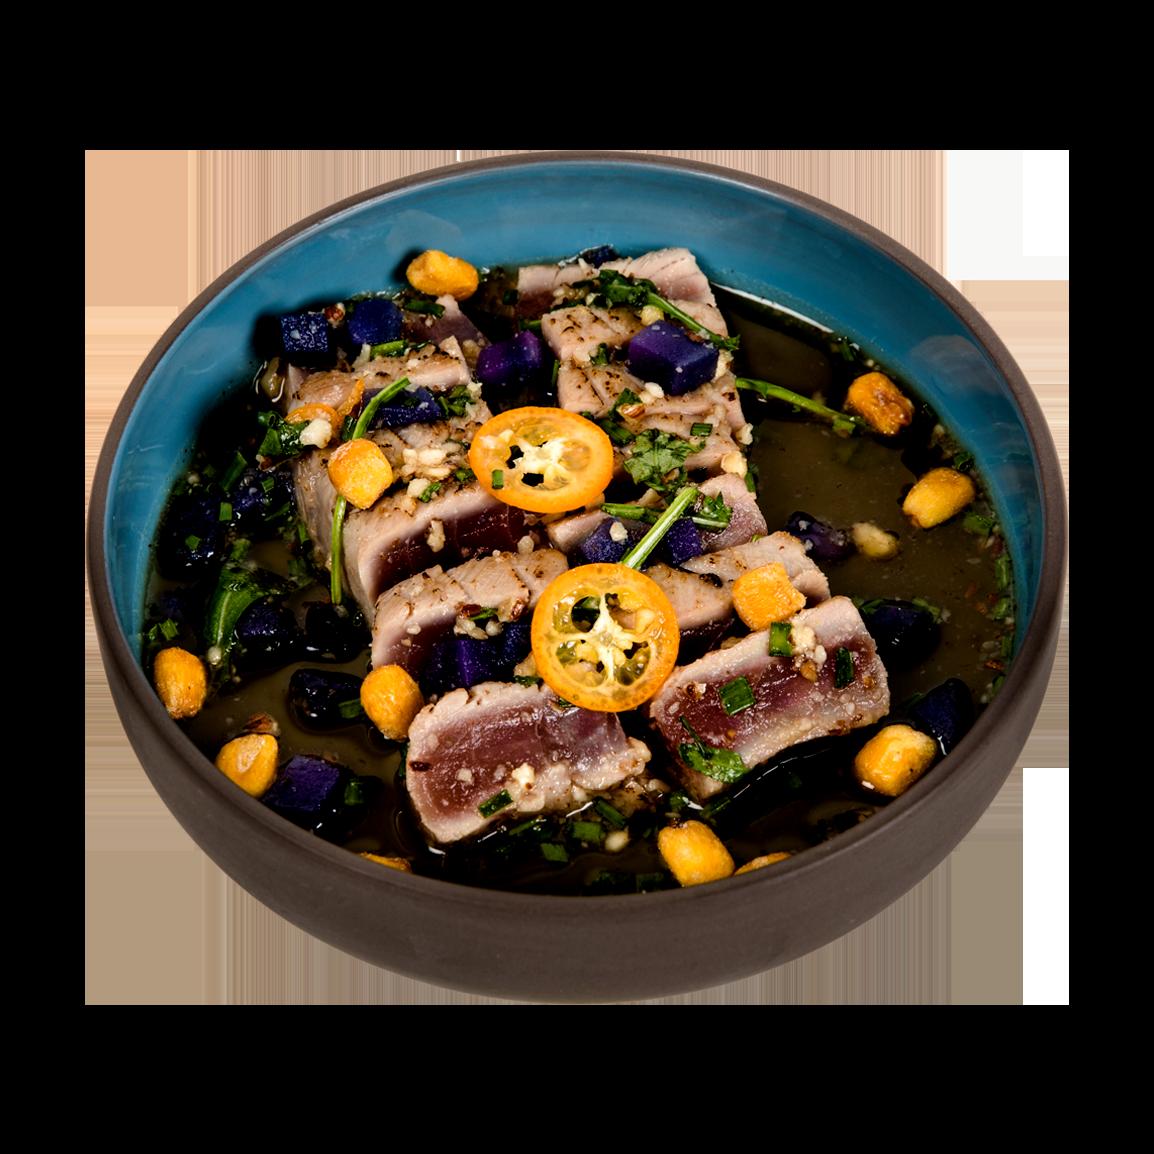 10 pièces de tataki de thon mariné, sauce ponzu truffe, noisette grillé, ciboulette, roquette, patata morada, maïs cancha, kumquat, sésame.<br />Servi avec un bol de riz vinaigré.